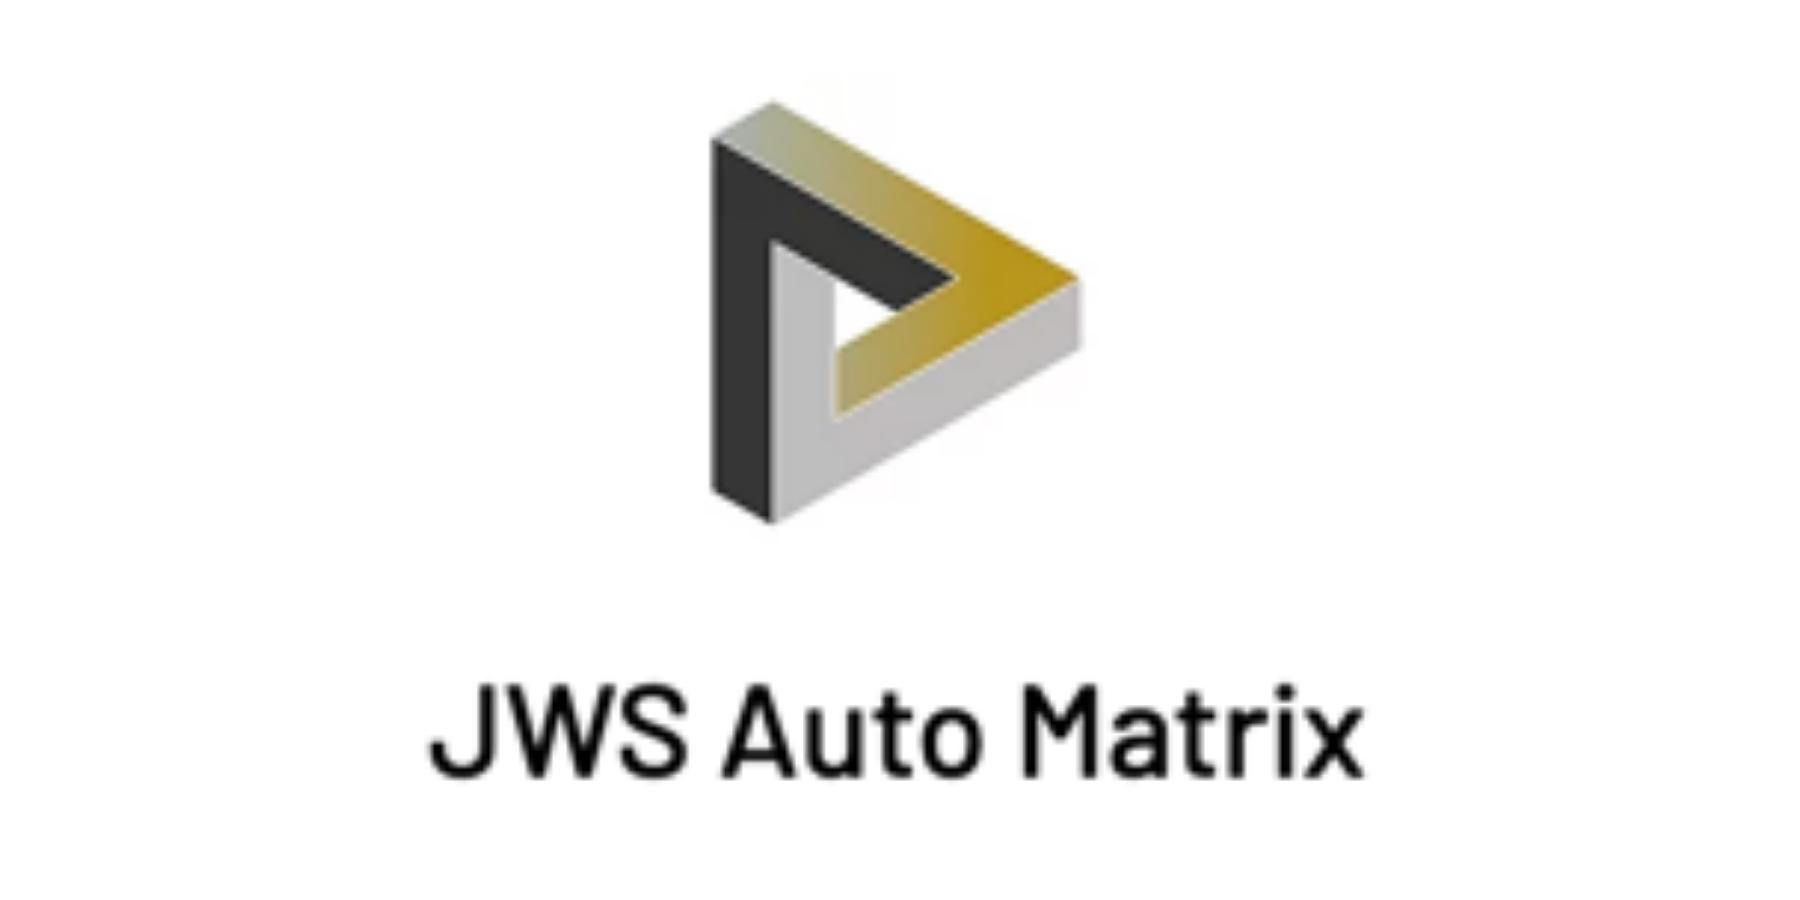 JWS Auto Matrix